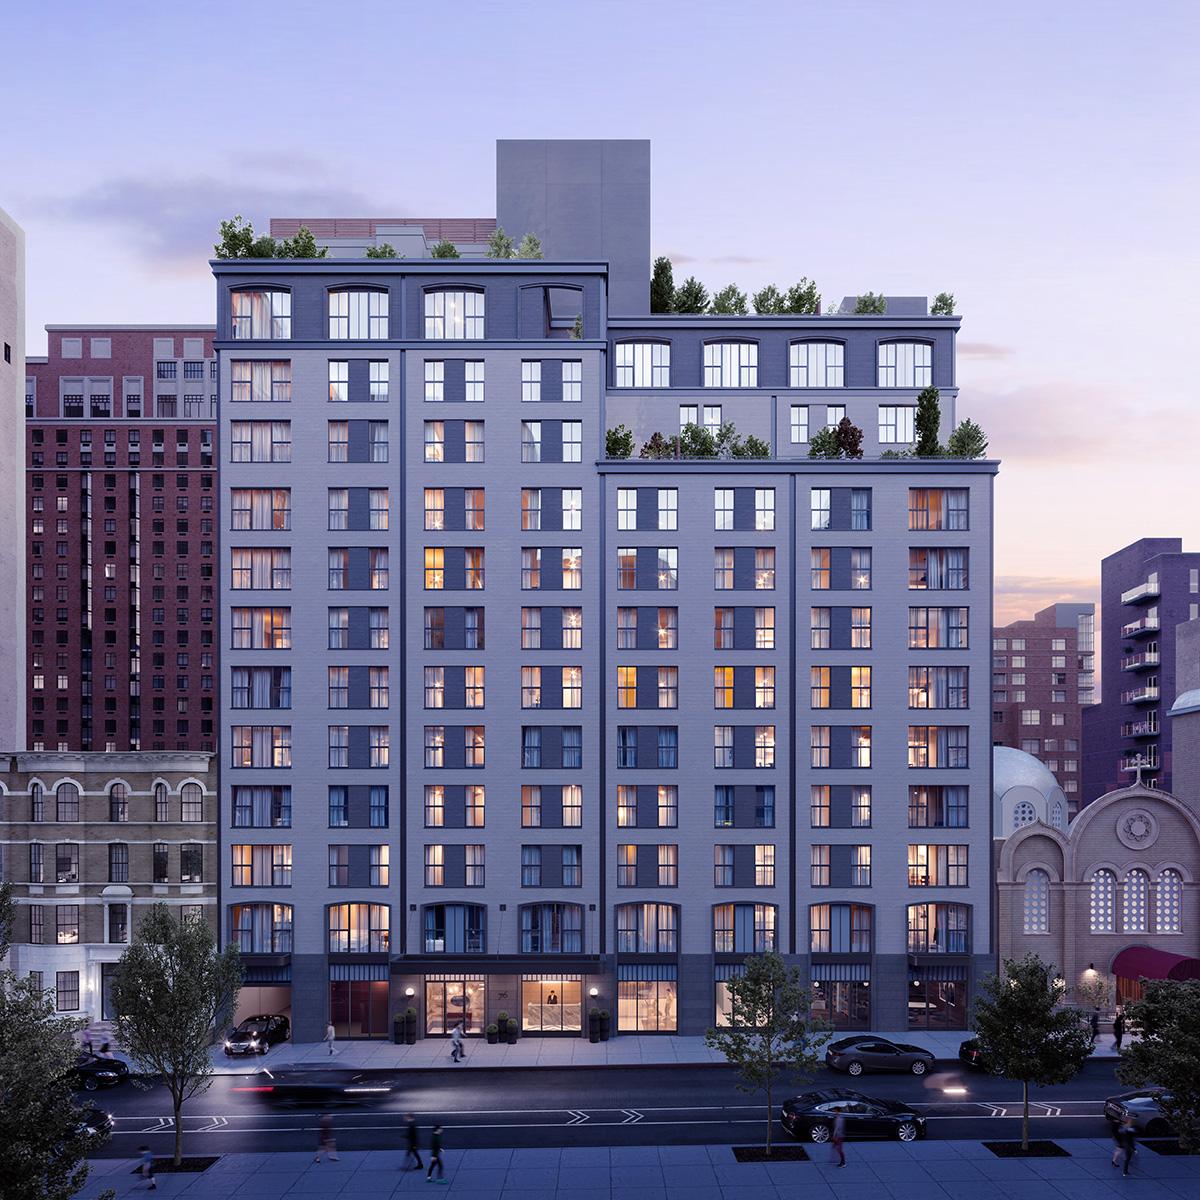 The Symon Hero luxury outdoor living apartment